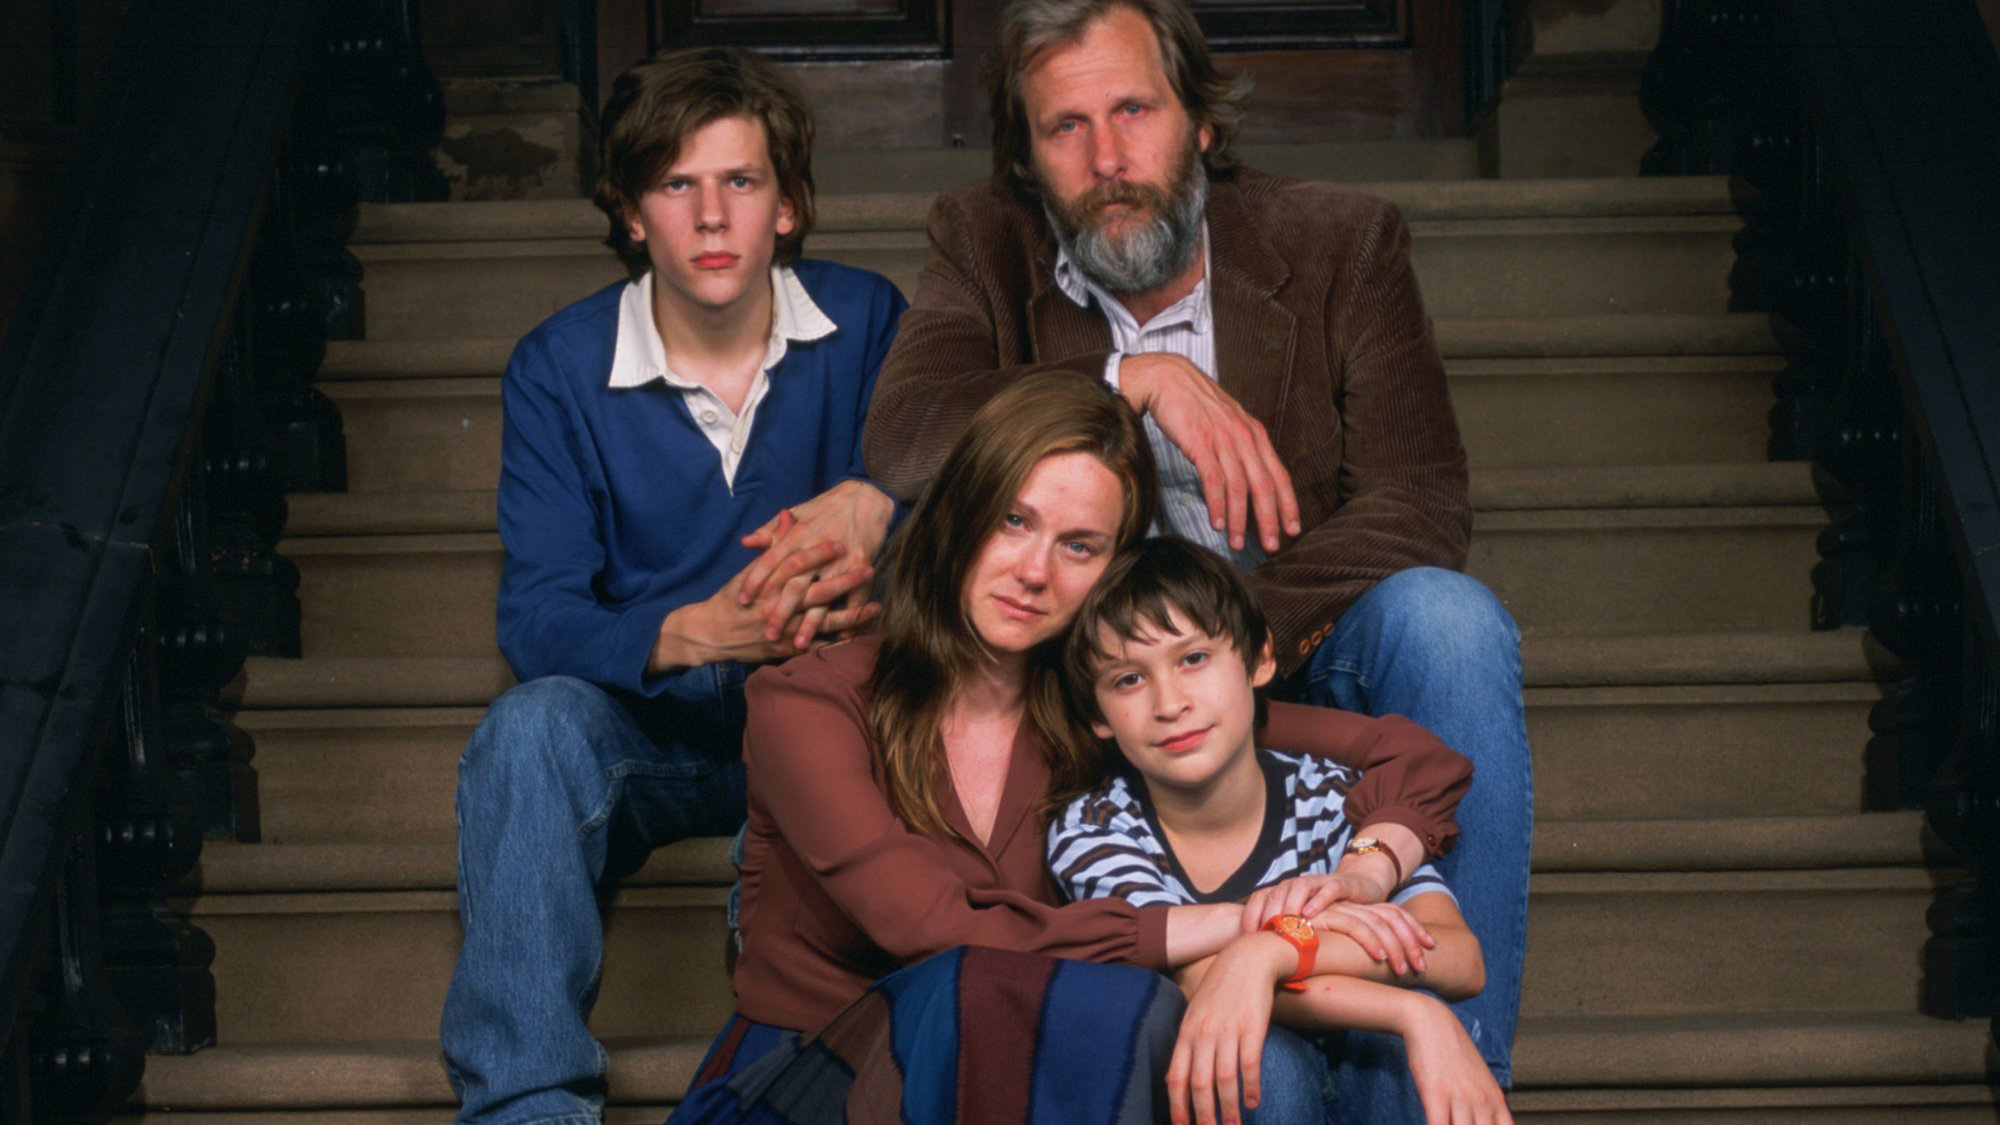 Trước 30 tuổi trang bị 5 bộ phim này nếu có ý định kết hôn: Tỉnh táo vì nạn ngoại tình, bạn đời là biến thái sát nhân đều có đủ! - Ảnh 12.